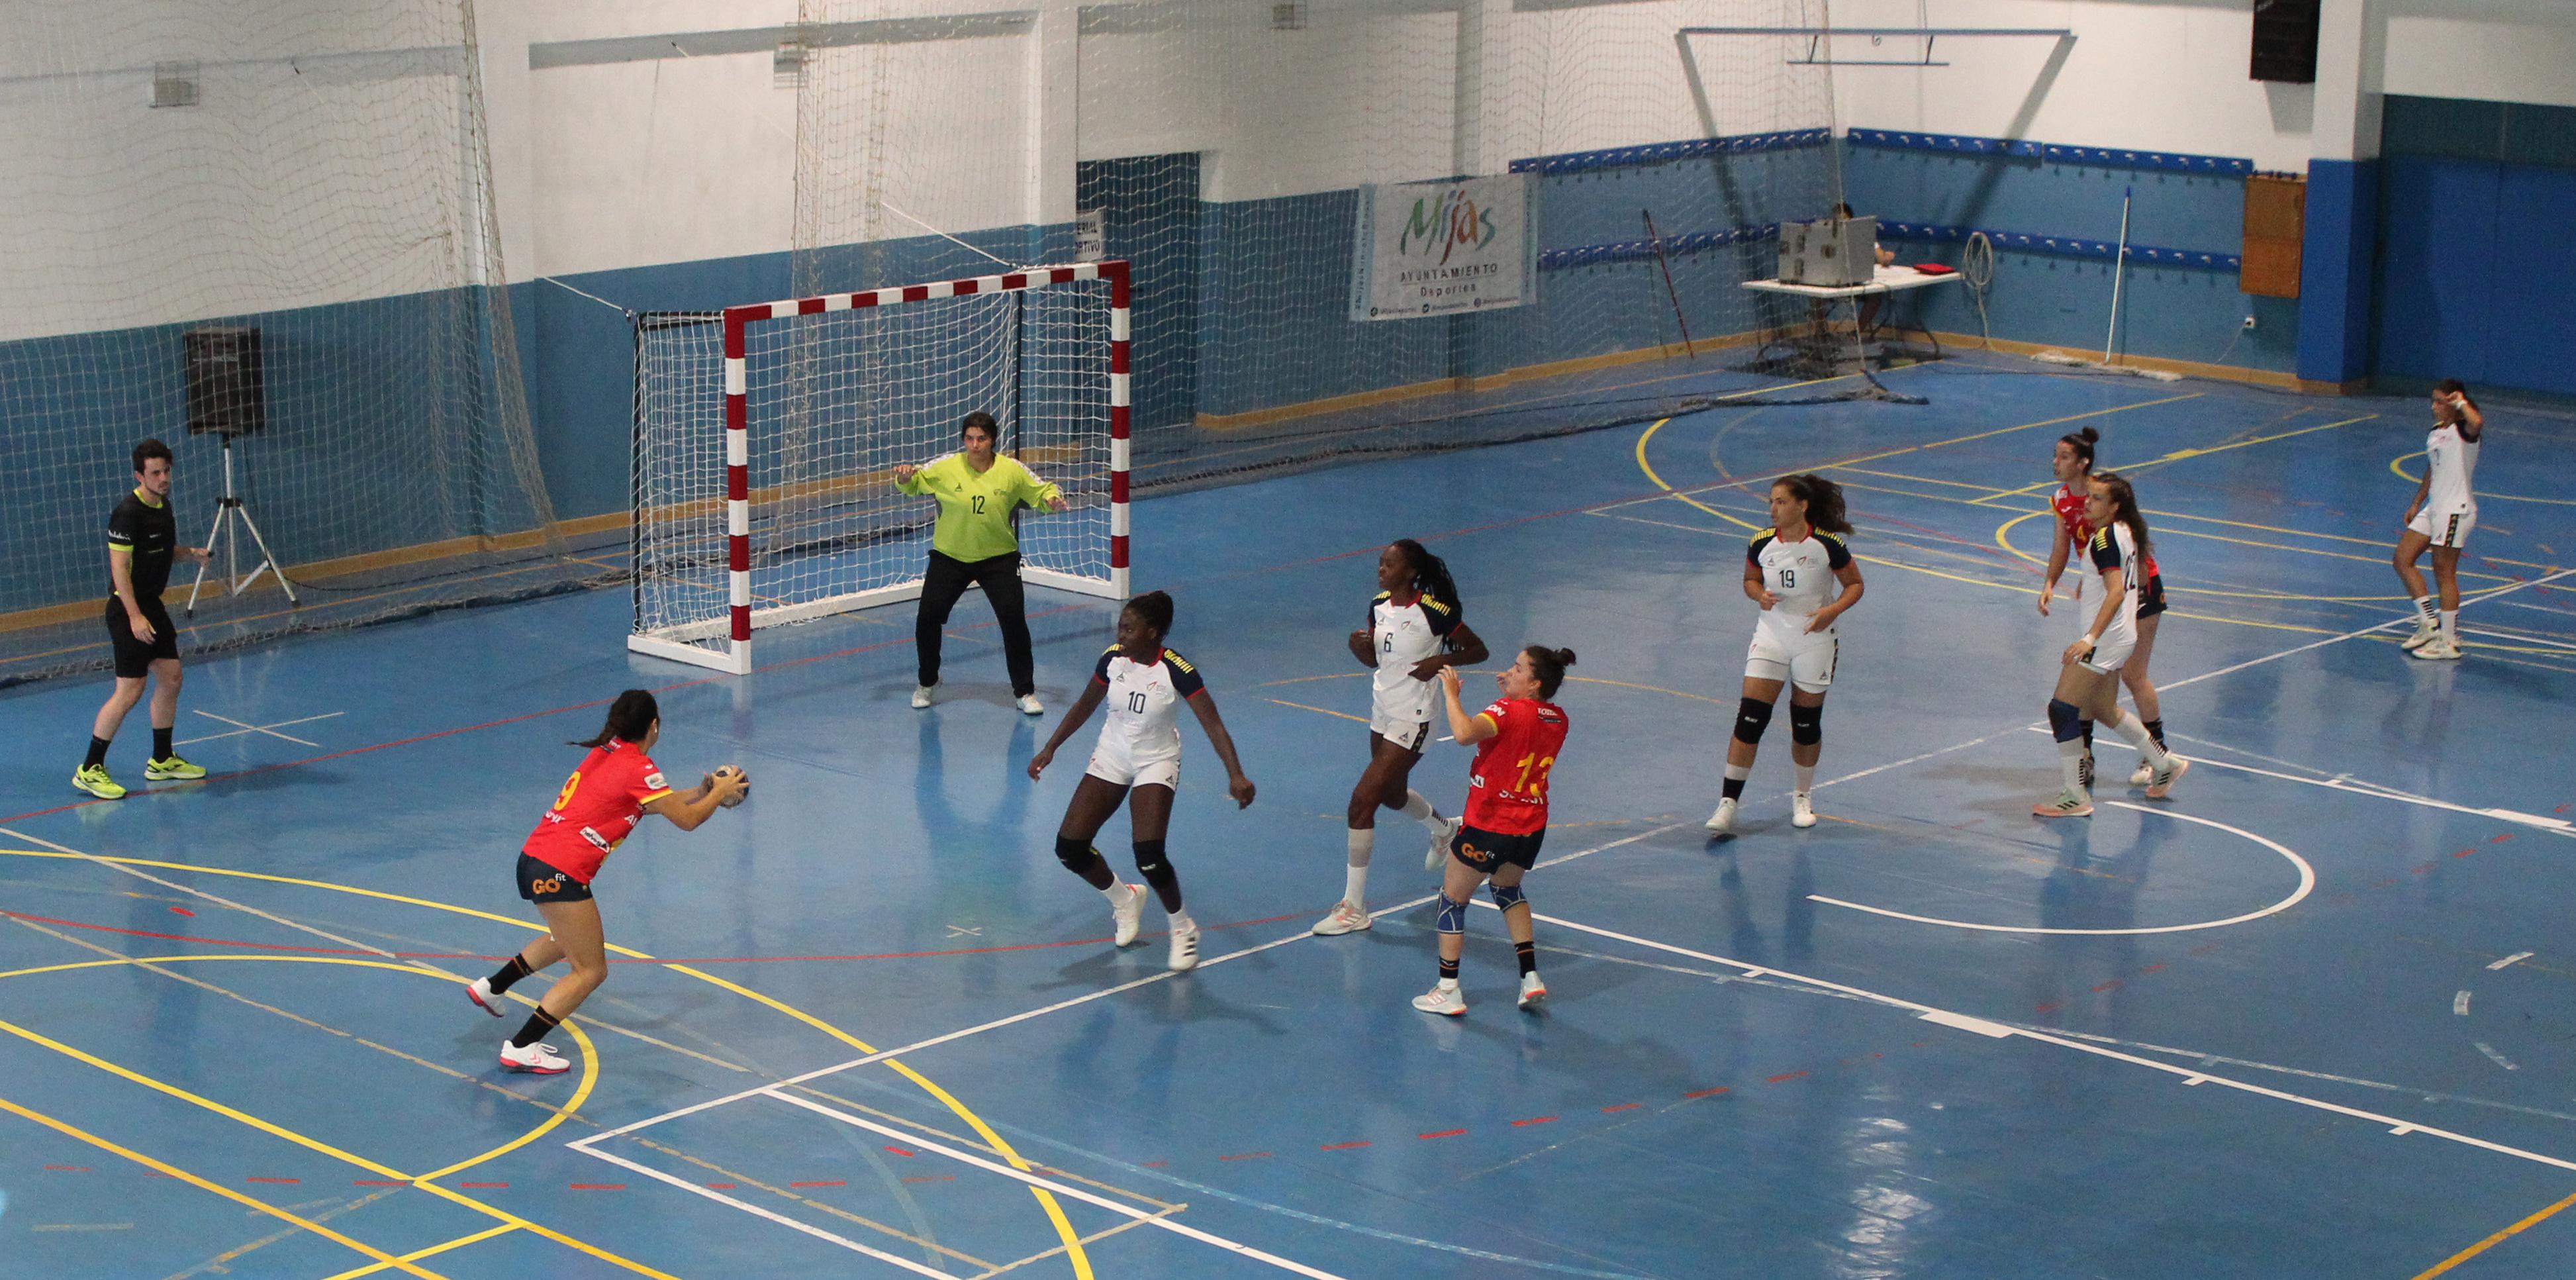 España vence a portugal 30-29 en su debut en el Torneo Internacional de Mijas